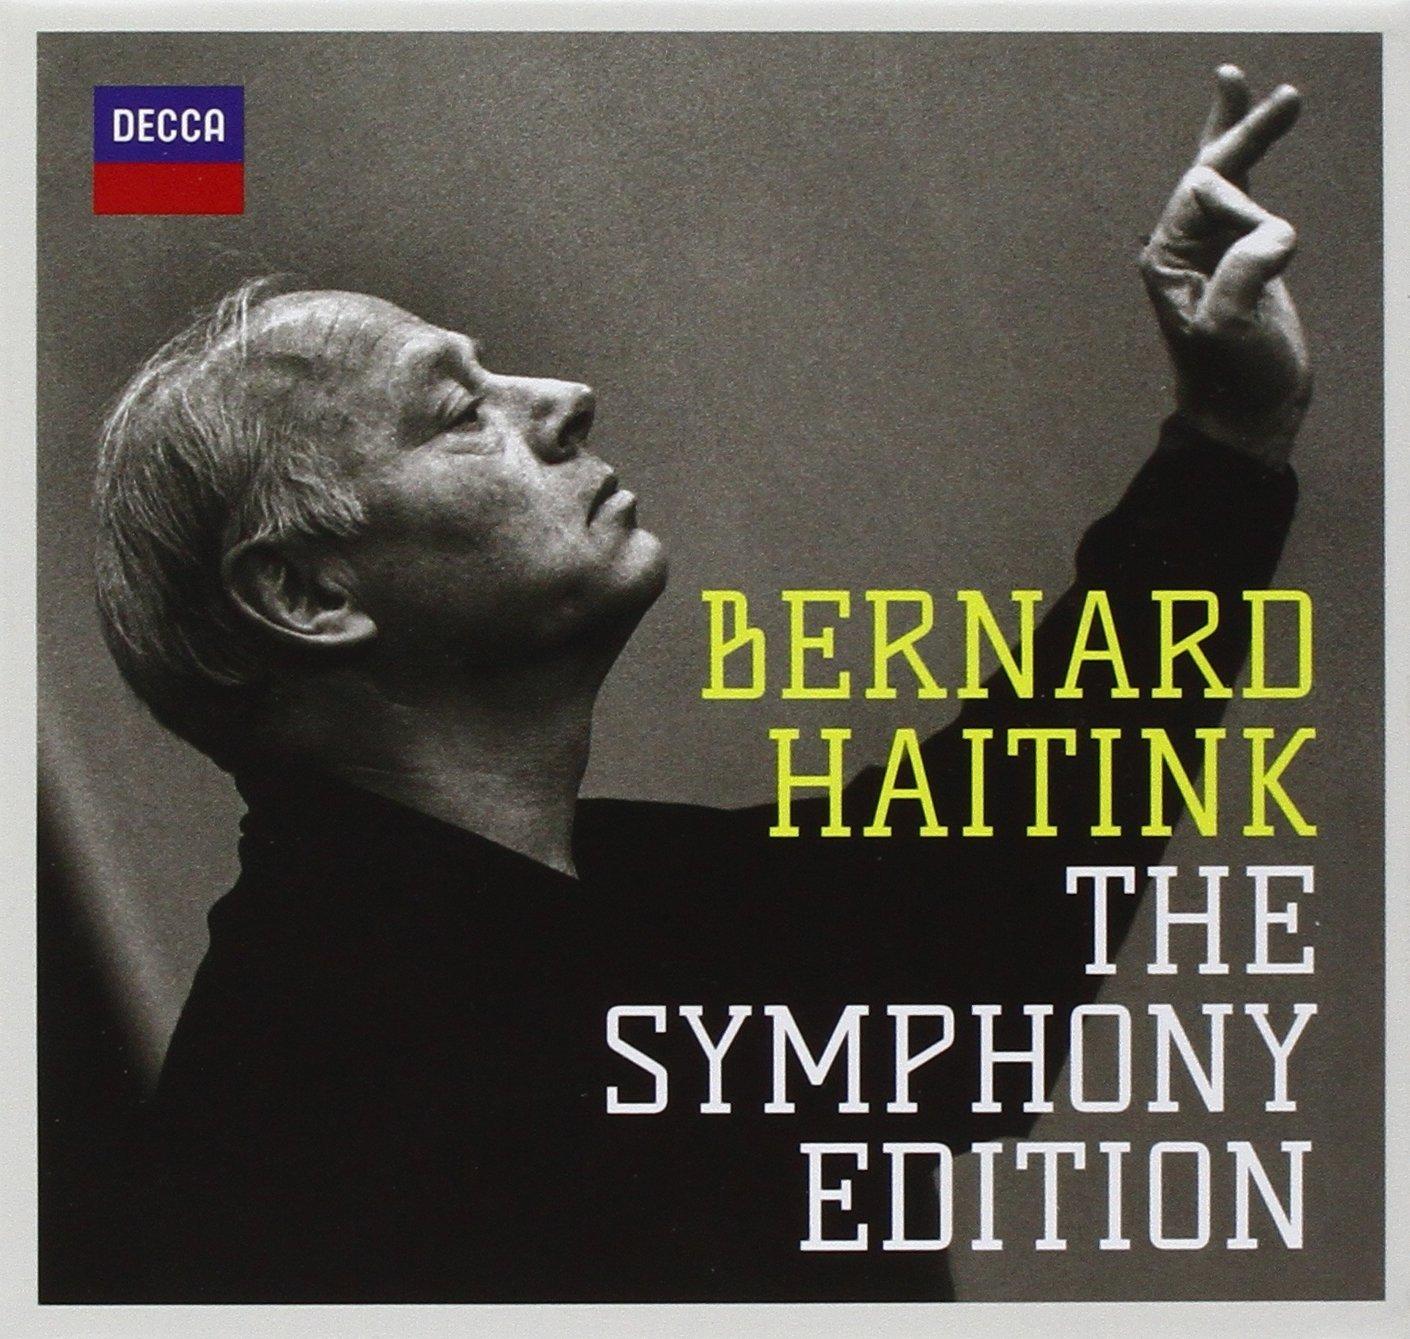 Haitink symphony edition.